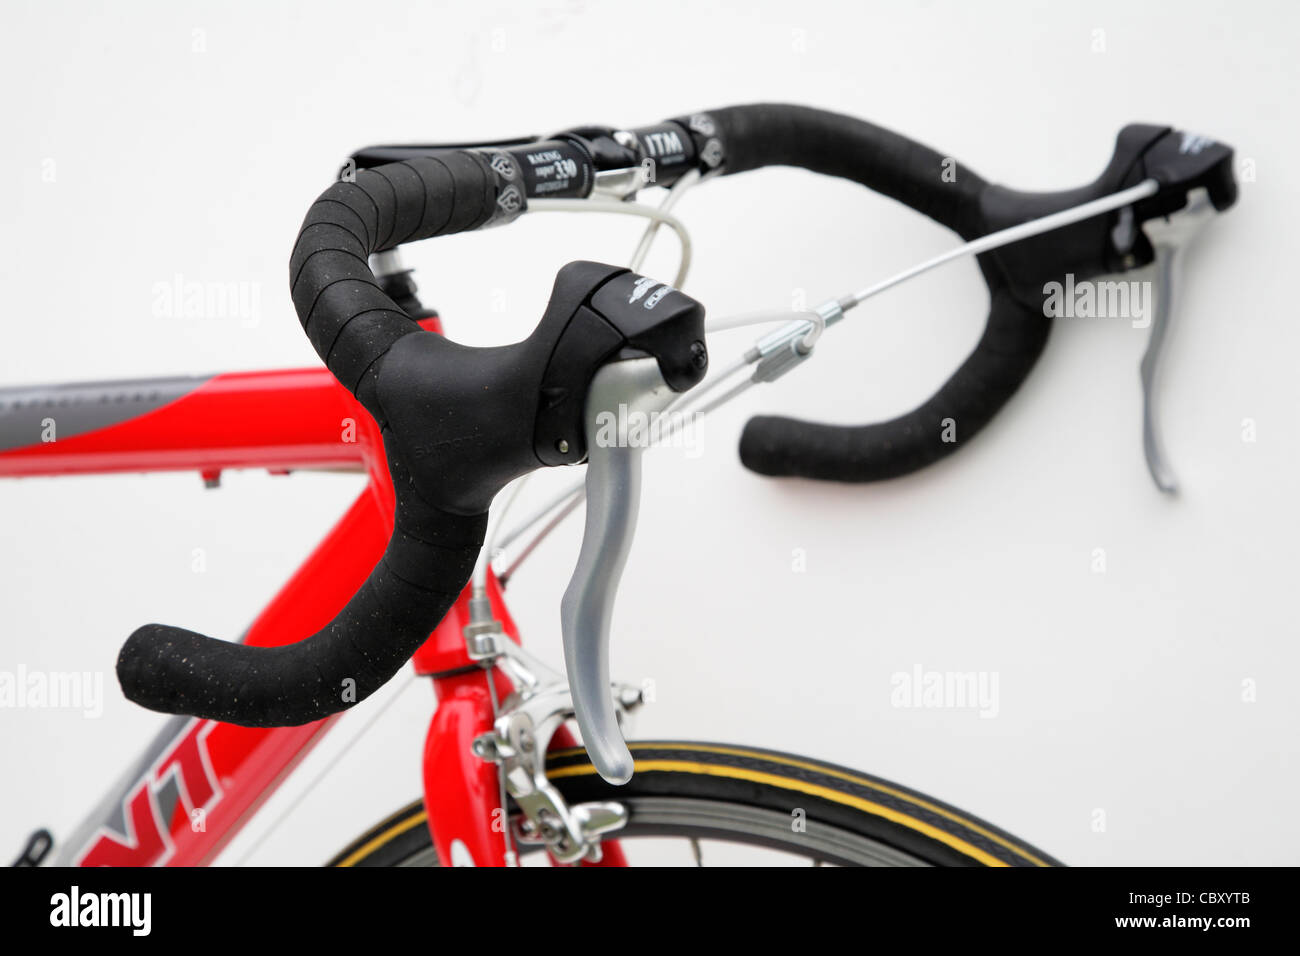 close up detail of a racing bike brake levers drop handlebars - Stock Image